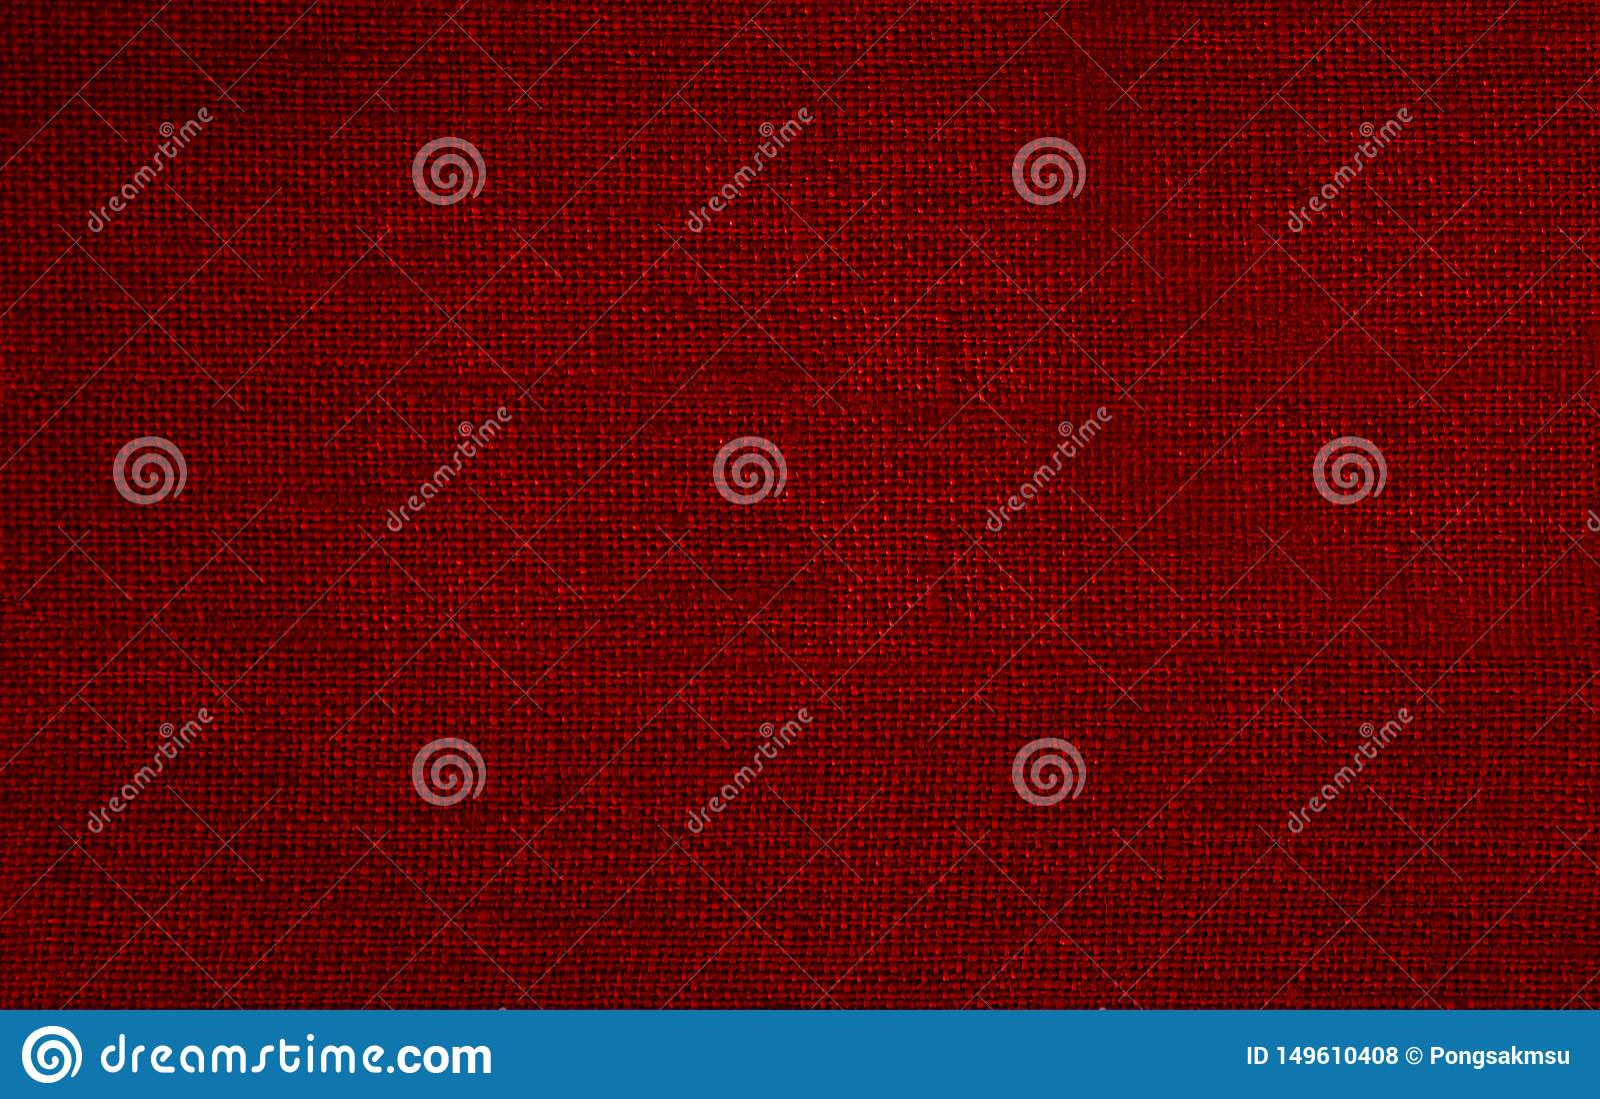 Textura roja del fondo del closth de la tela, fondo para el diseño gráfico, foto de la tela